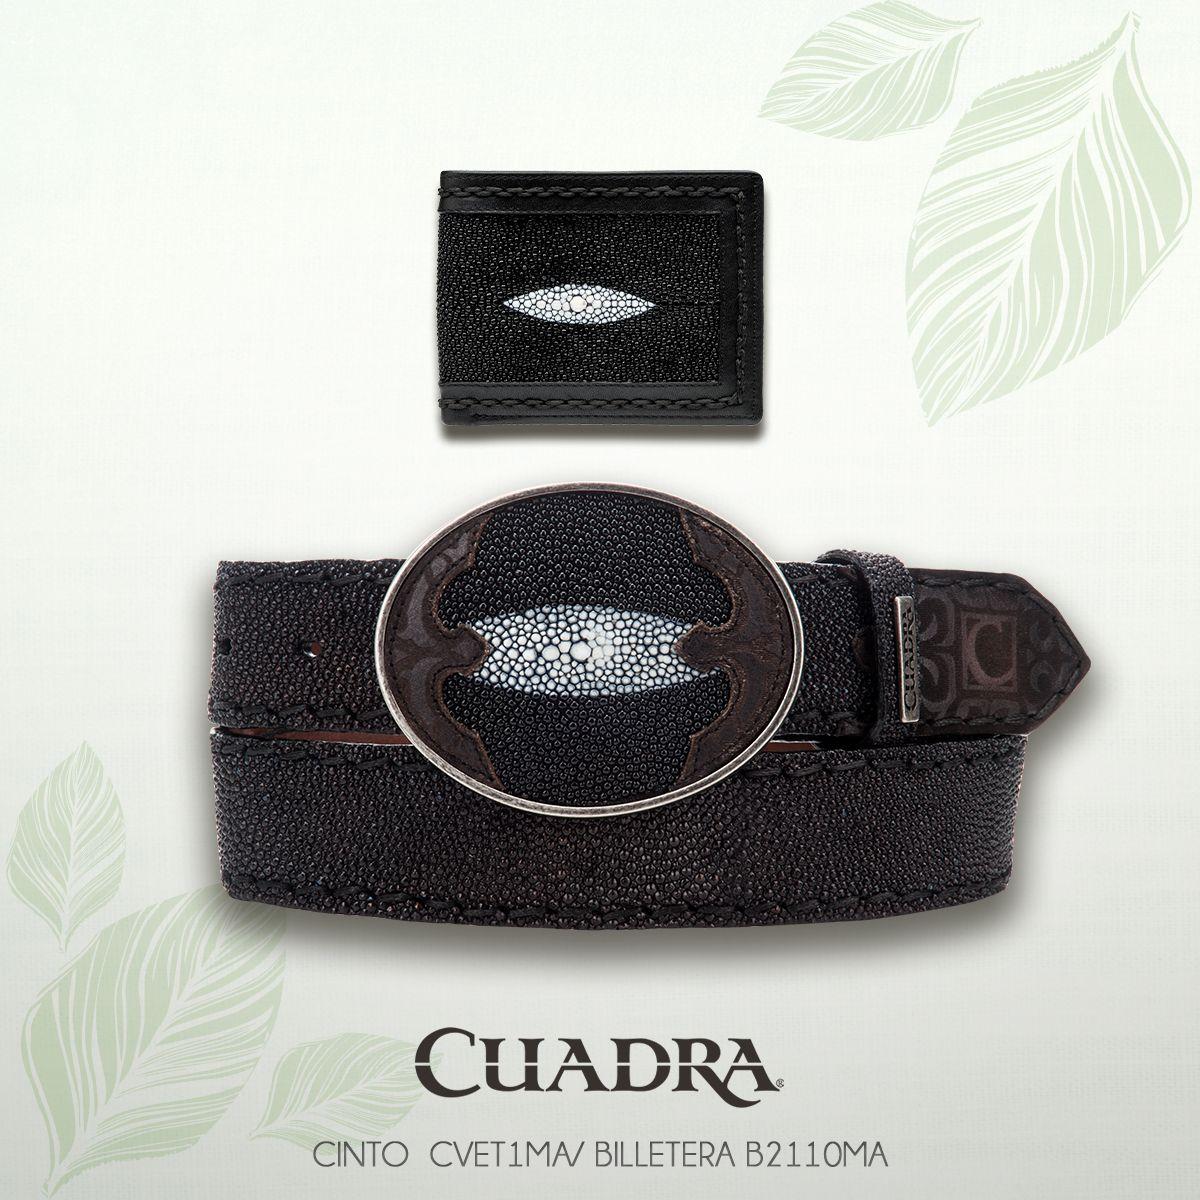 Tu complemente perfecto está en Cuadra. #Piel #Cartera #Cinturón #Mantarraya